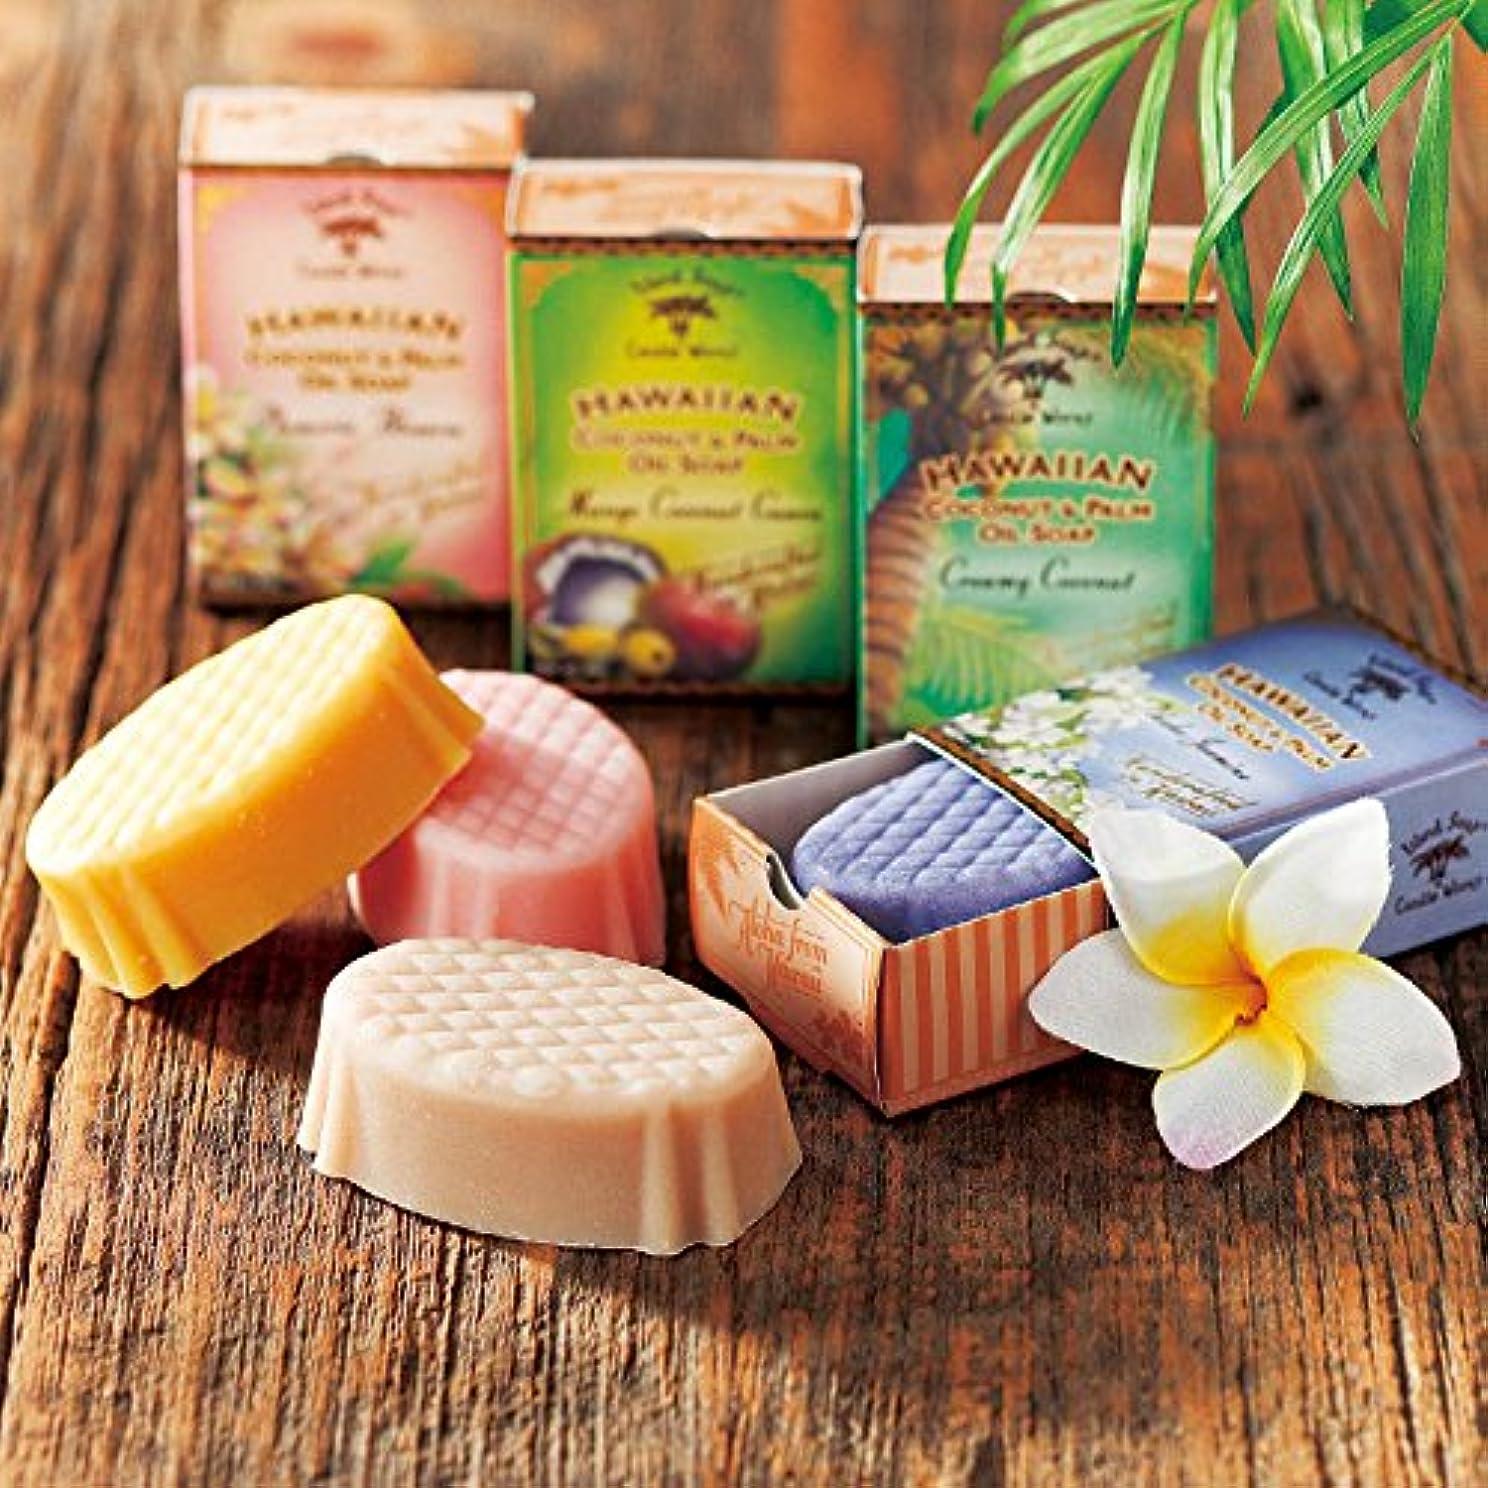 ハワイ 土産 アイランドソープ ココナッツソープ 4種セット (海外旅行 ハワイ お土産)